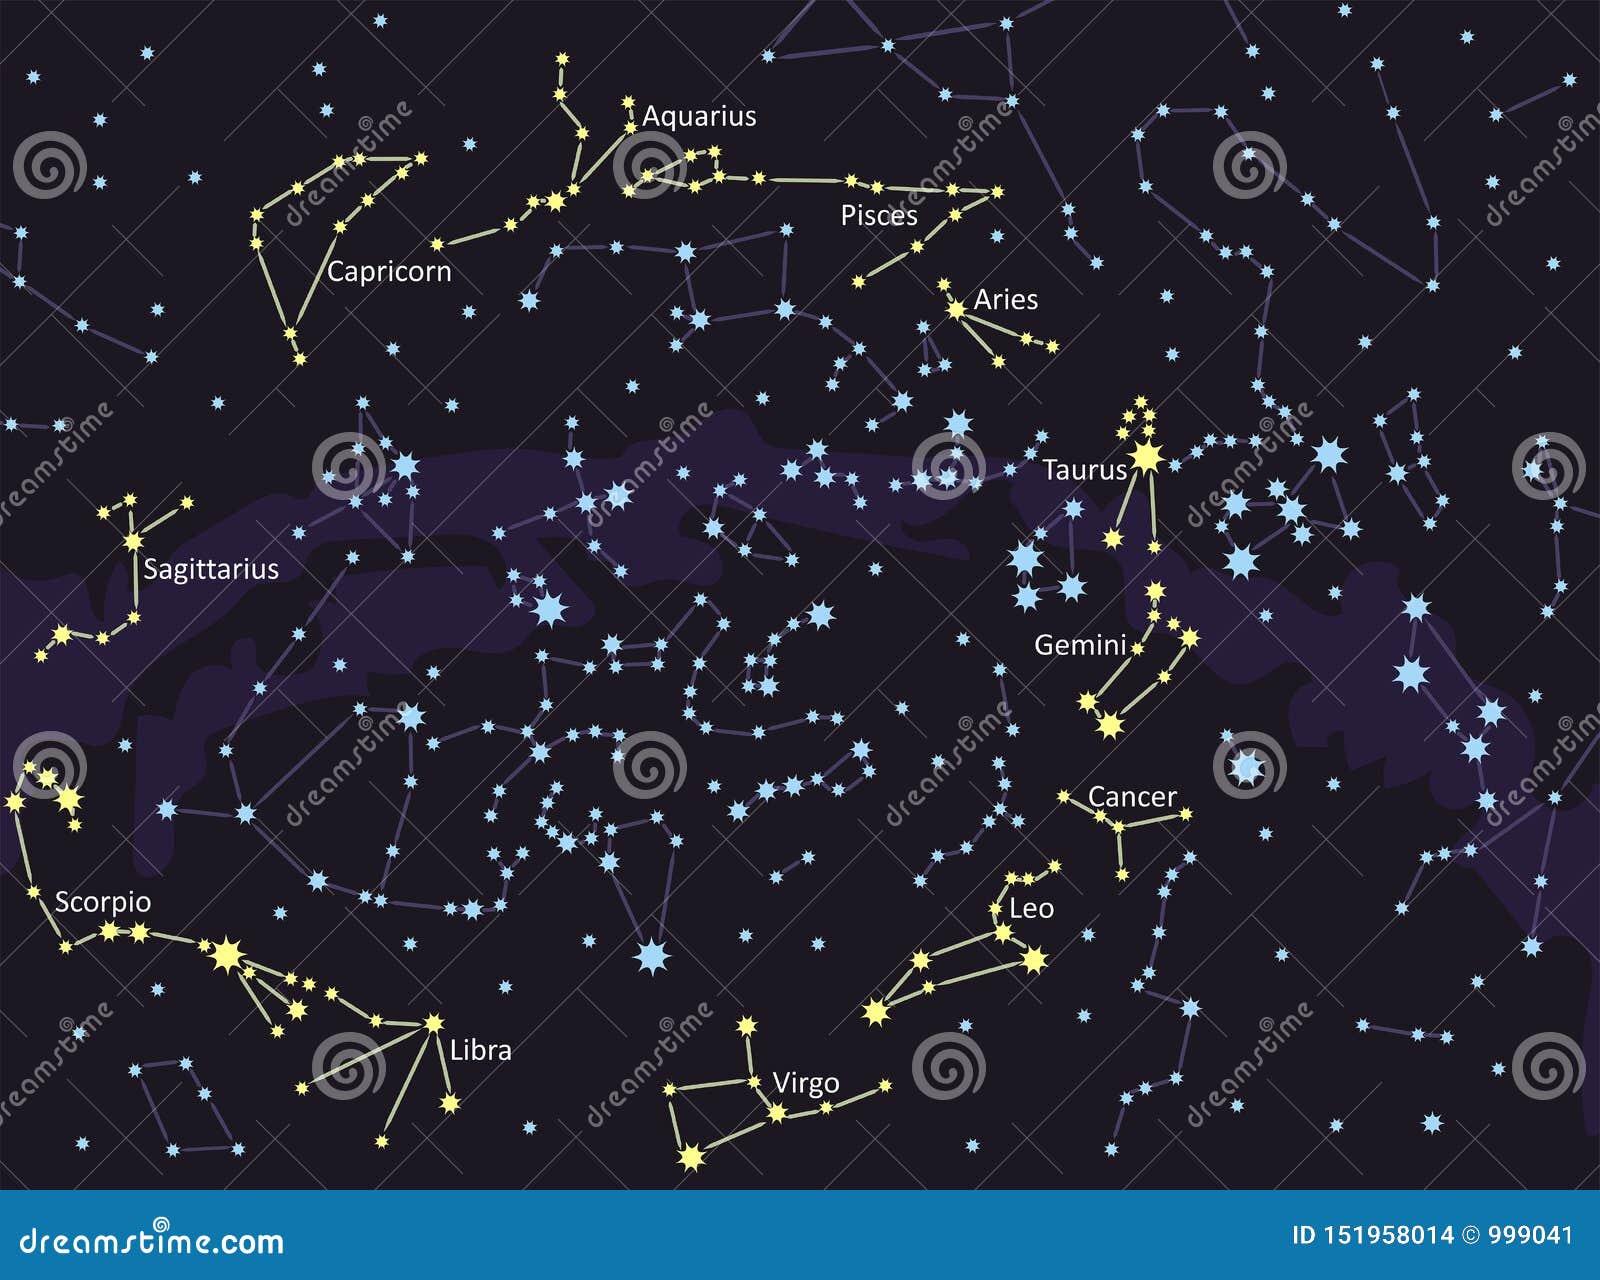 Capricorn, Aquarius,Pisces,Aries, Taurus,Gemini,Cancer,Leo